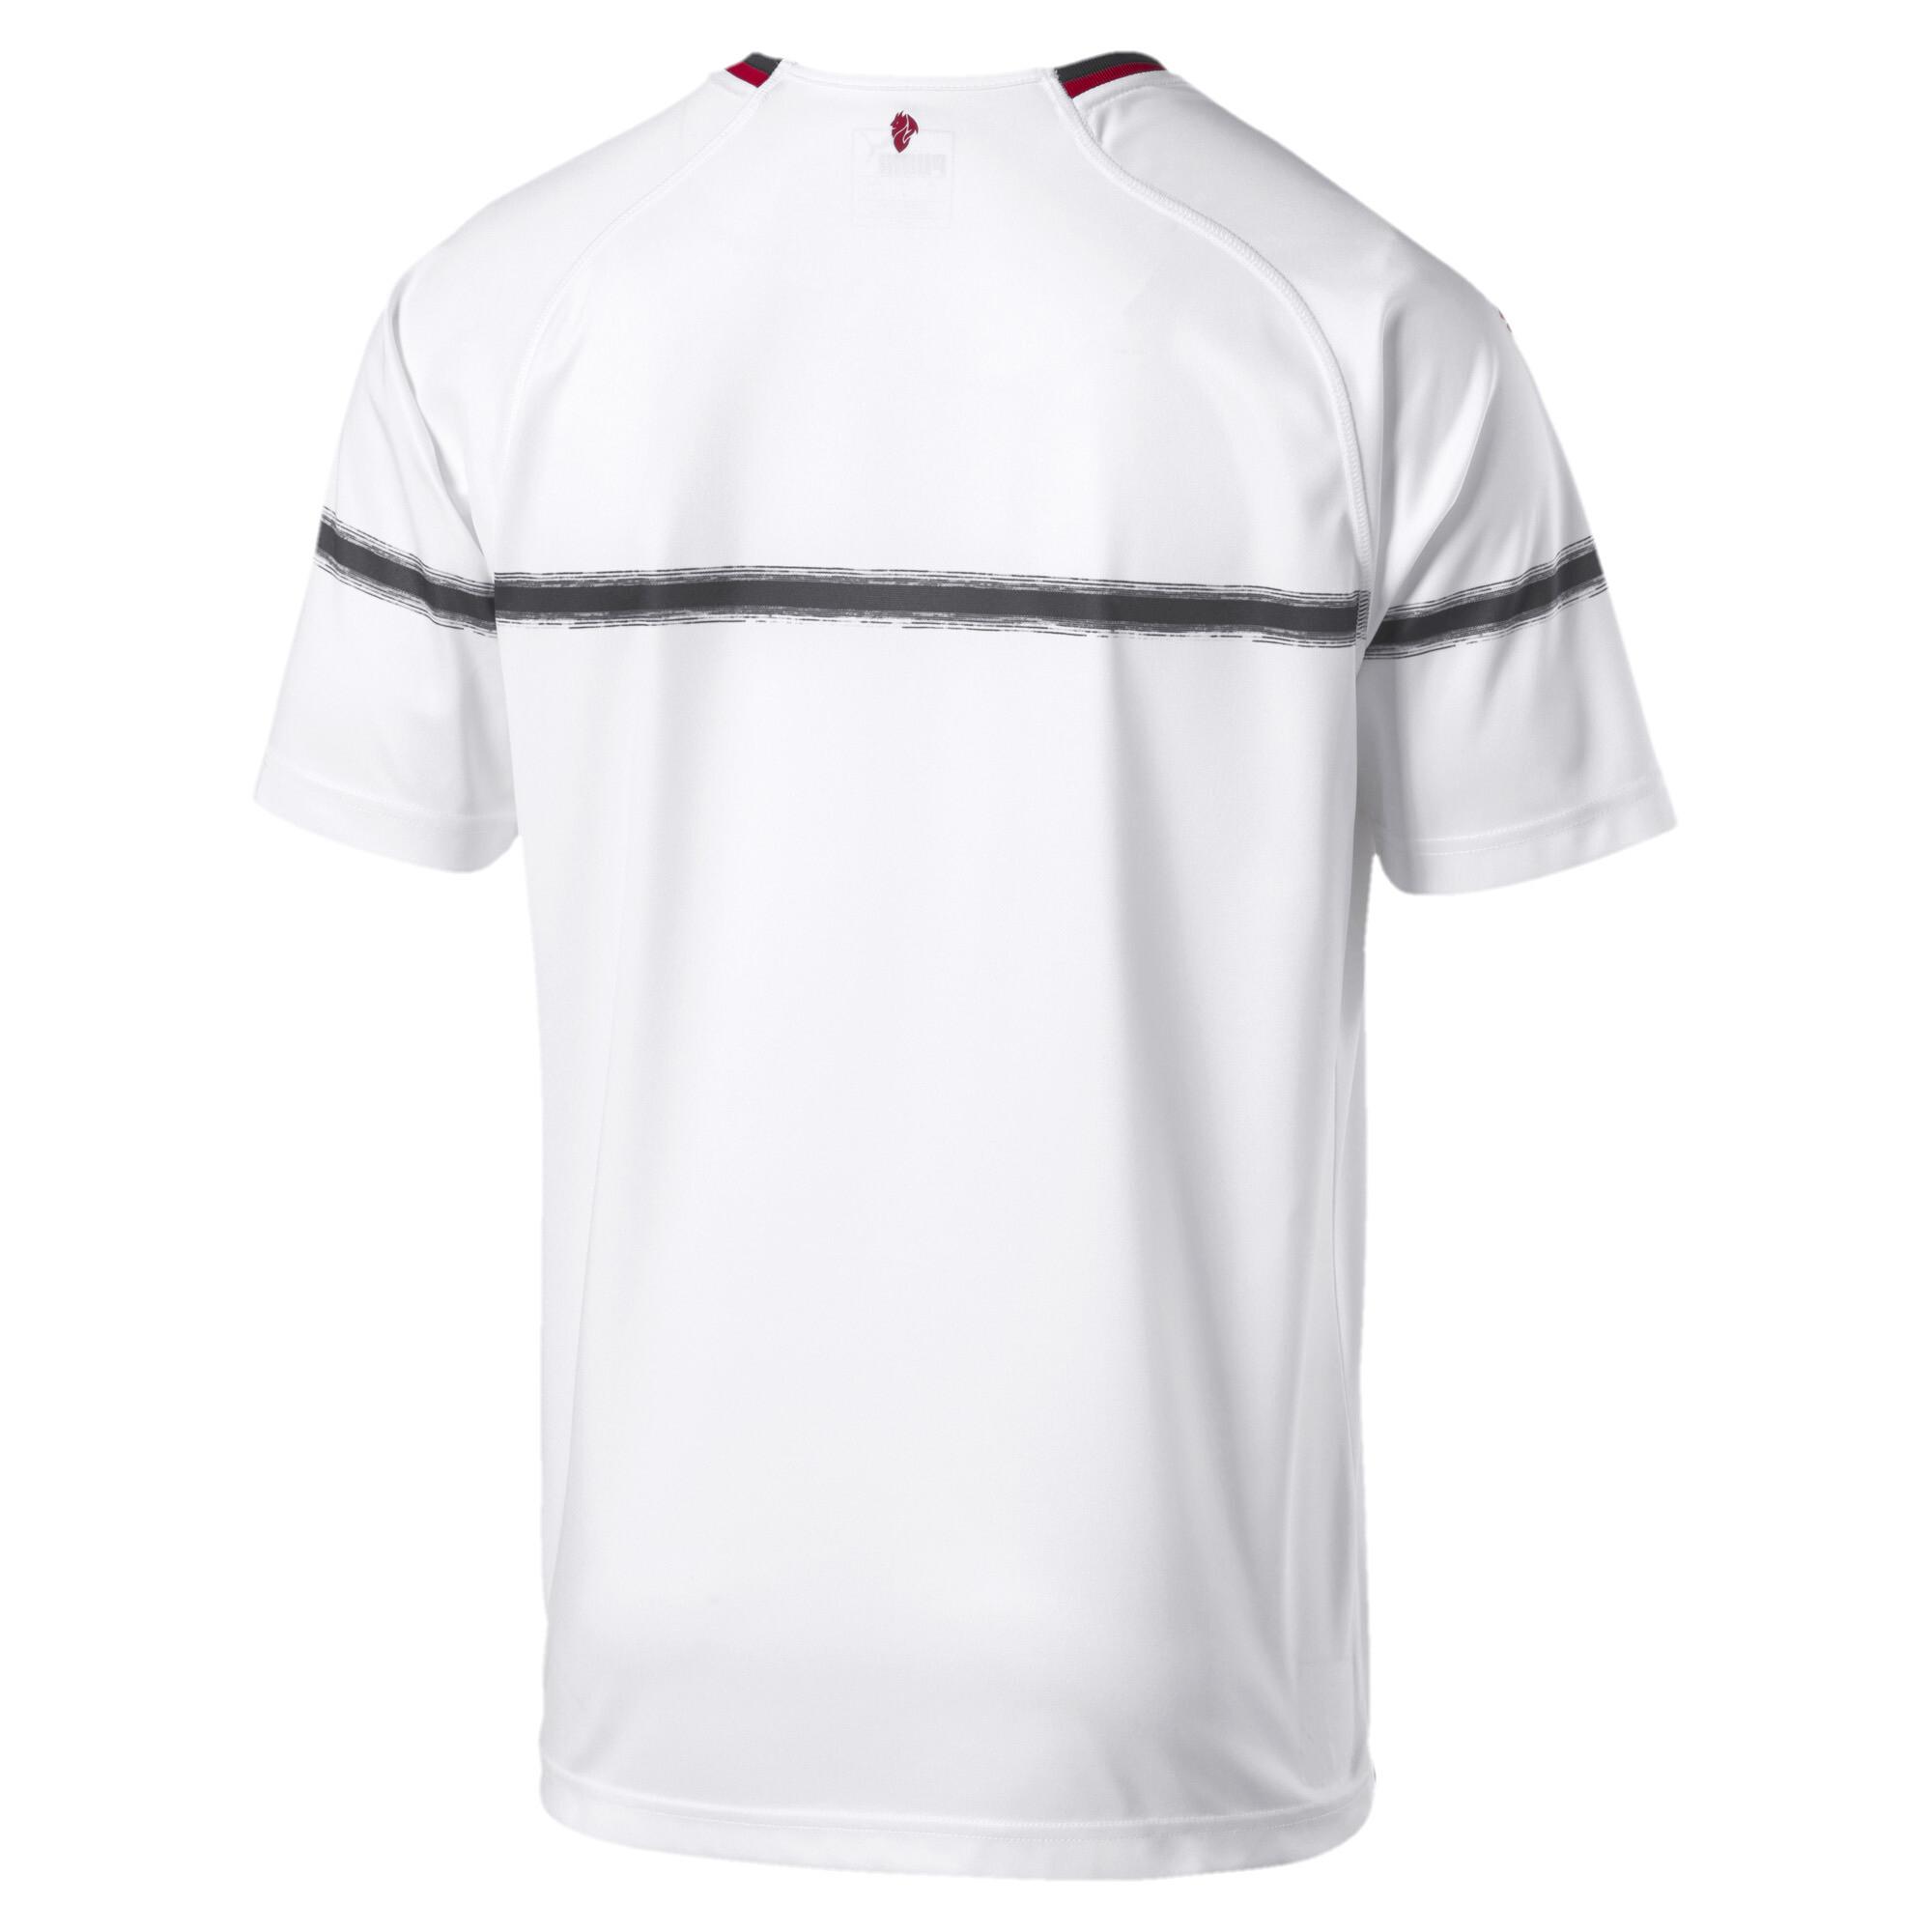 Camiseta réplica de visitante para hombre AC Milan